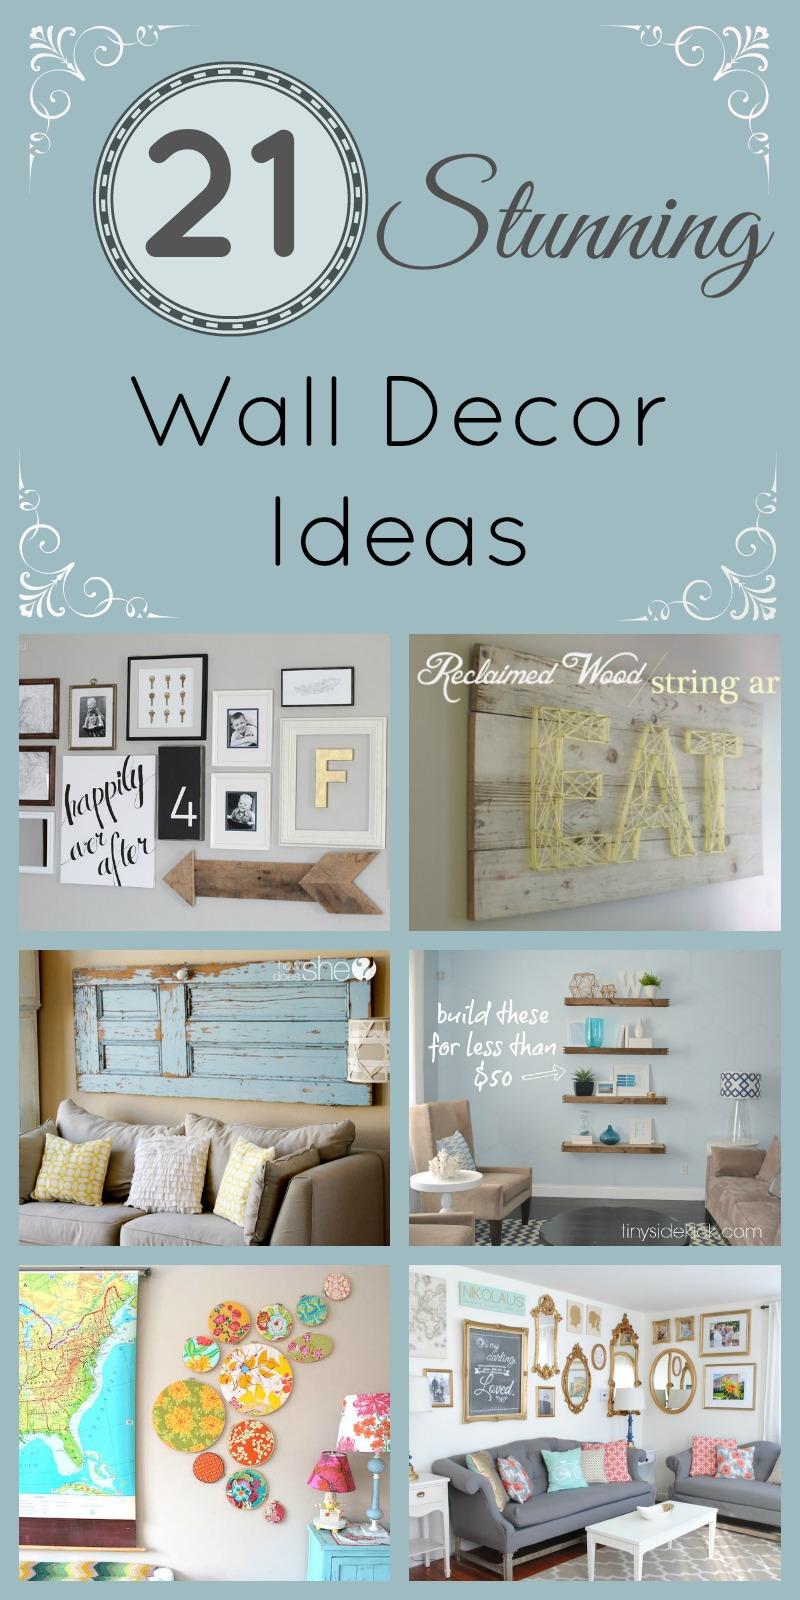 21 Stunning Wall Decor Ideas